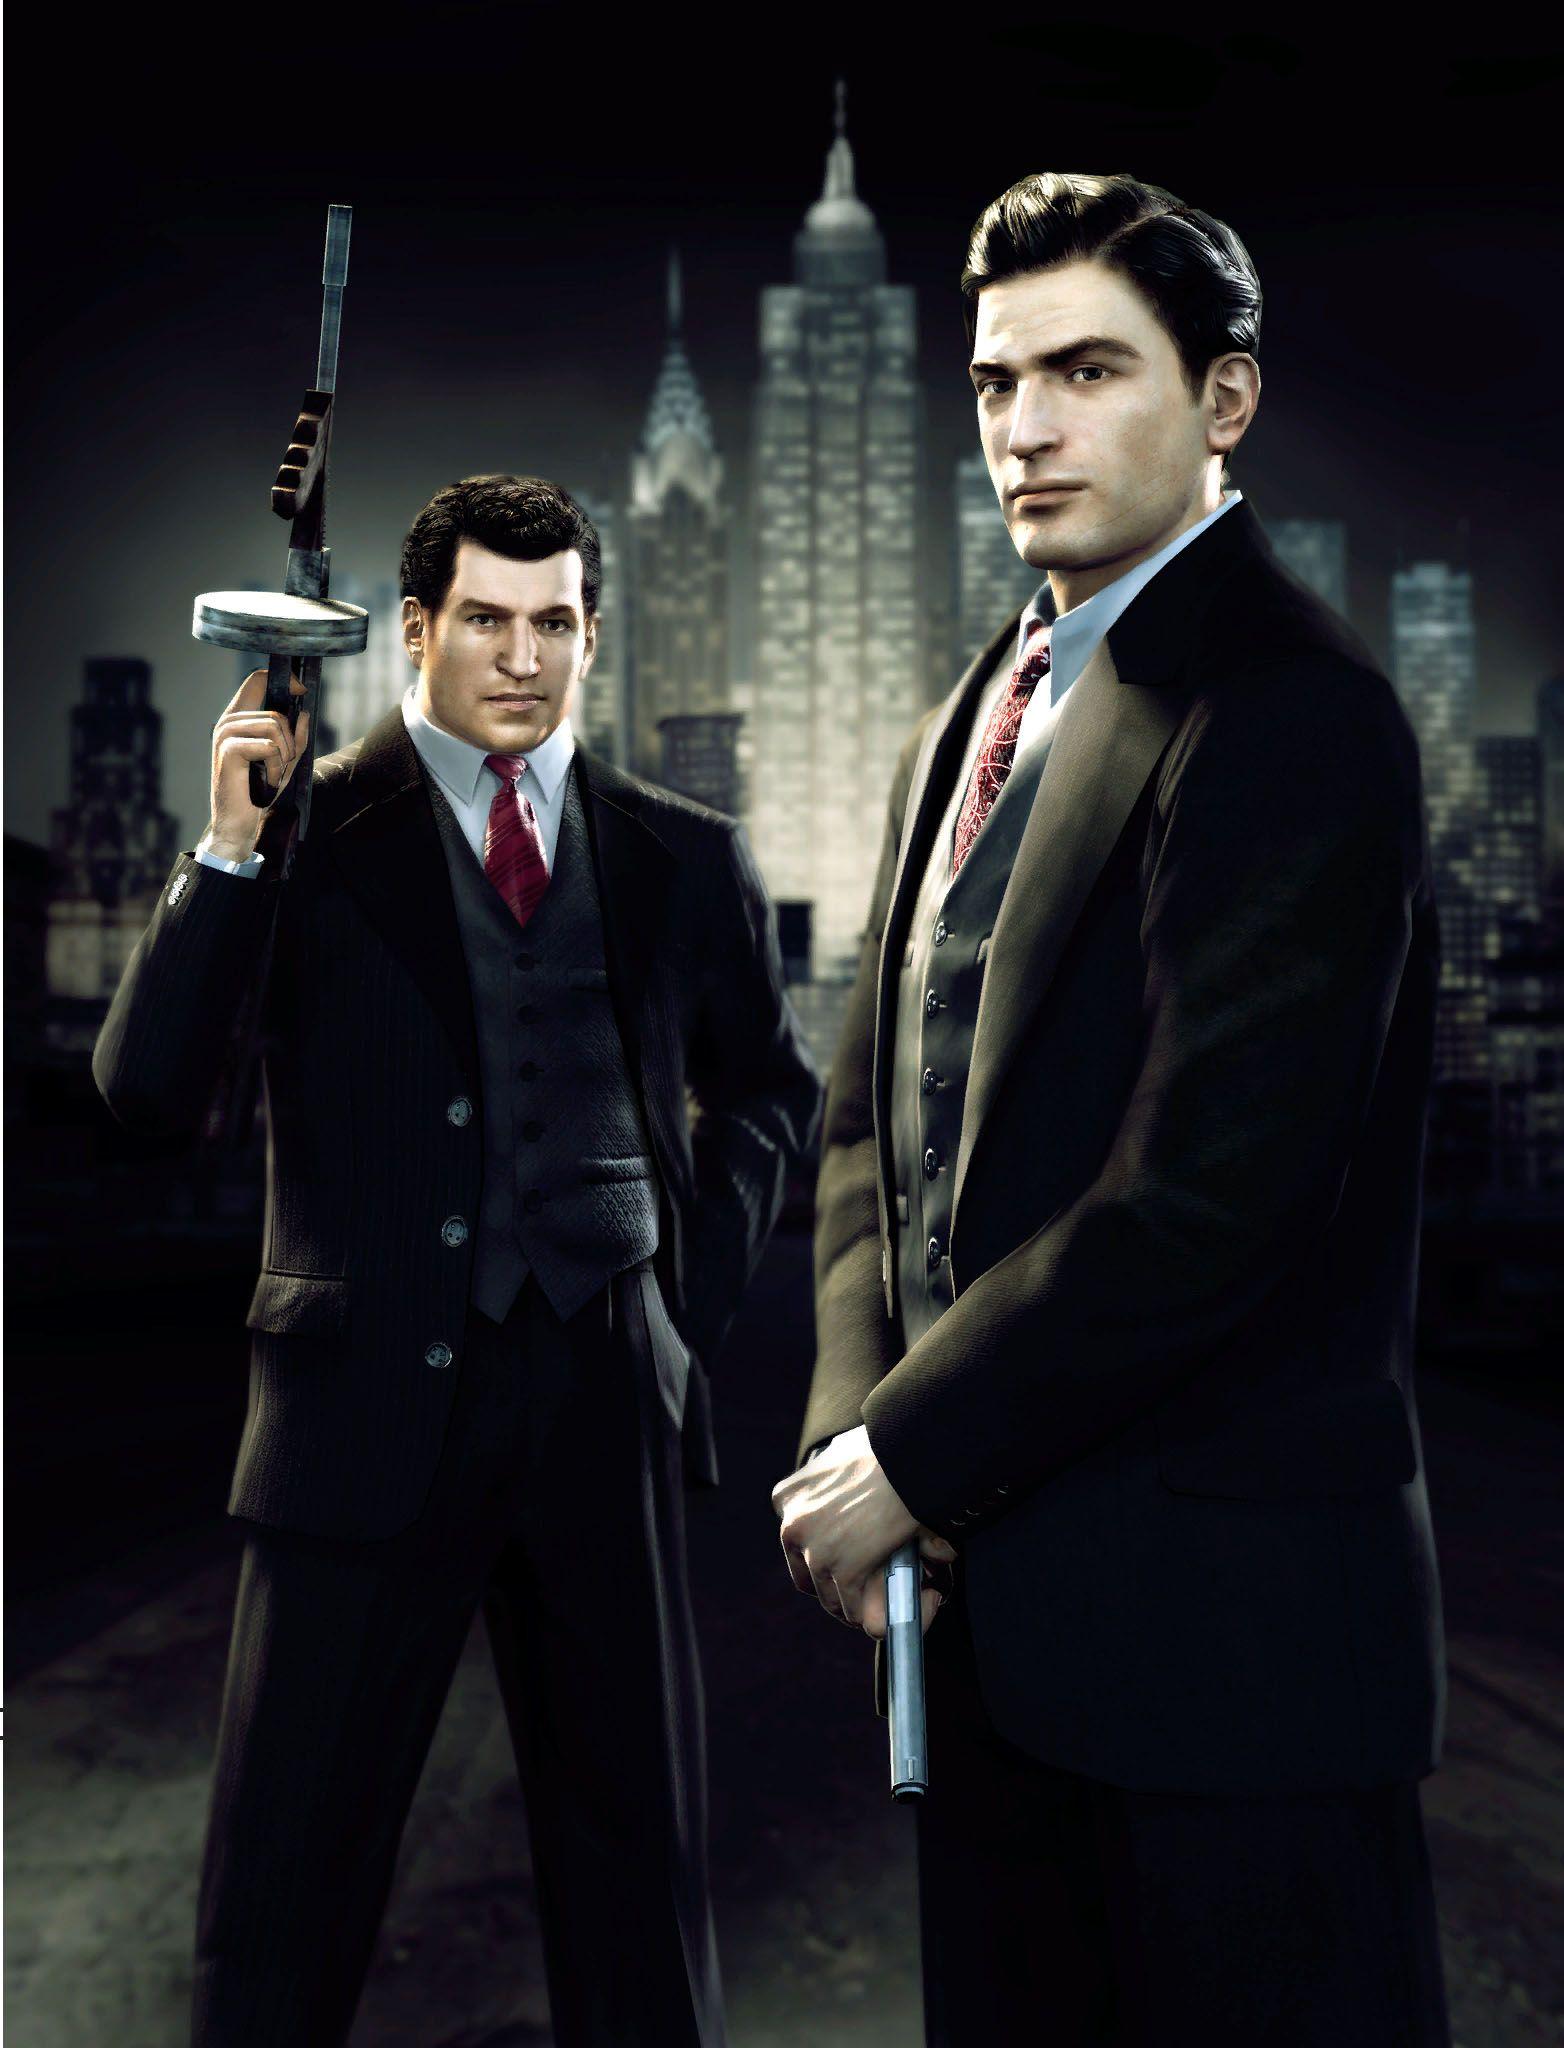 Mafia 2 Mafia Game Mafia 2 Mafia Gangster